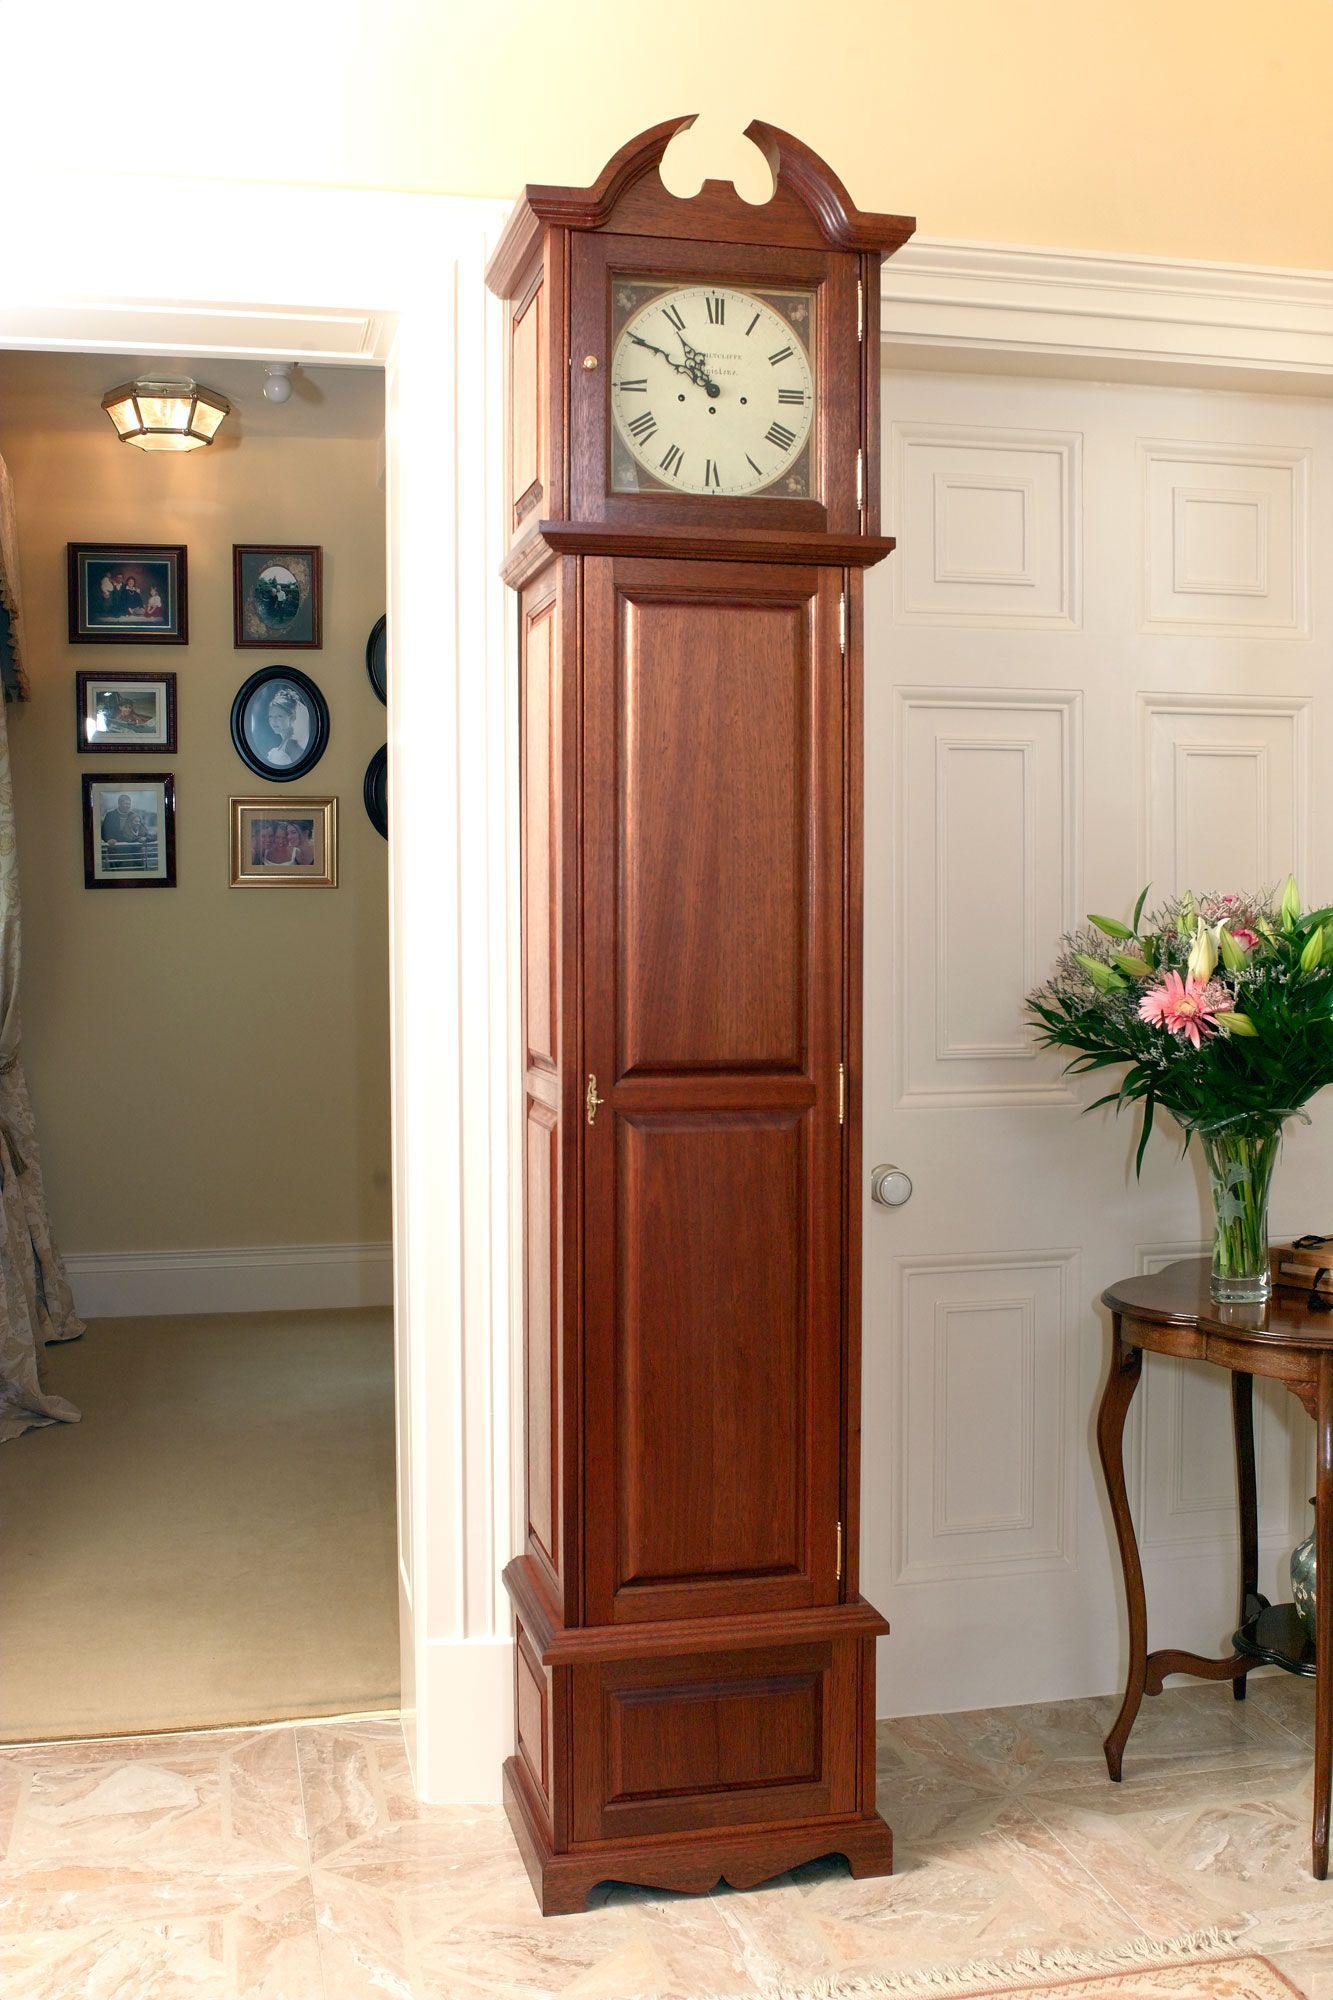 Grandfather Clock gun safe Closed Emergency Preparedness